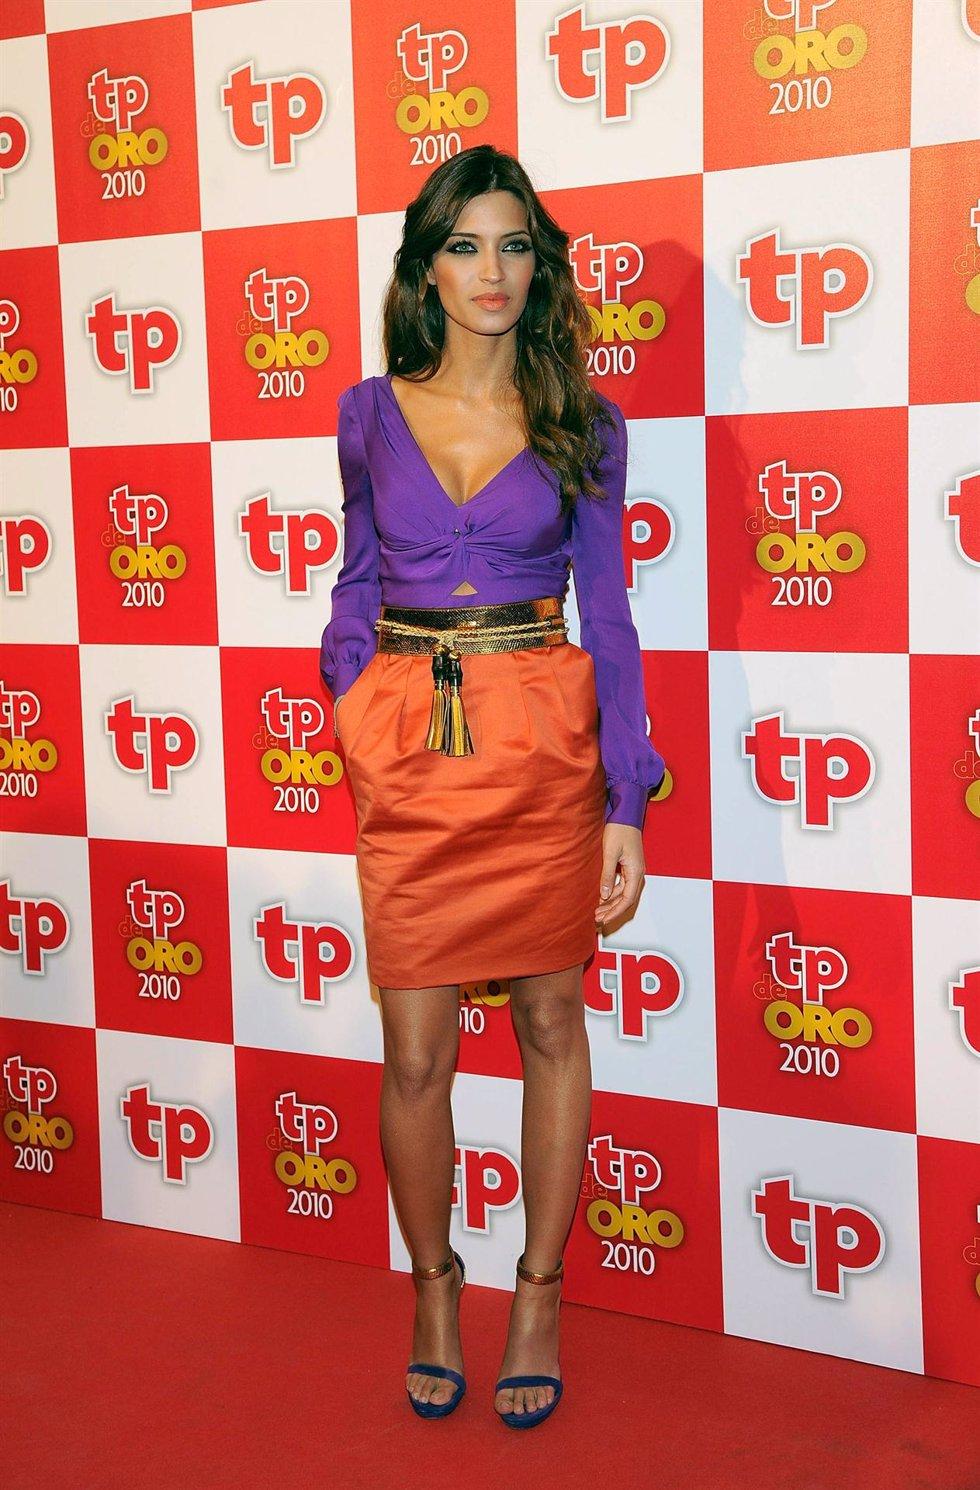 Posado de Sara Carbonero en la entrega de los TP de Oro de 2011